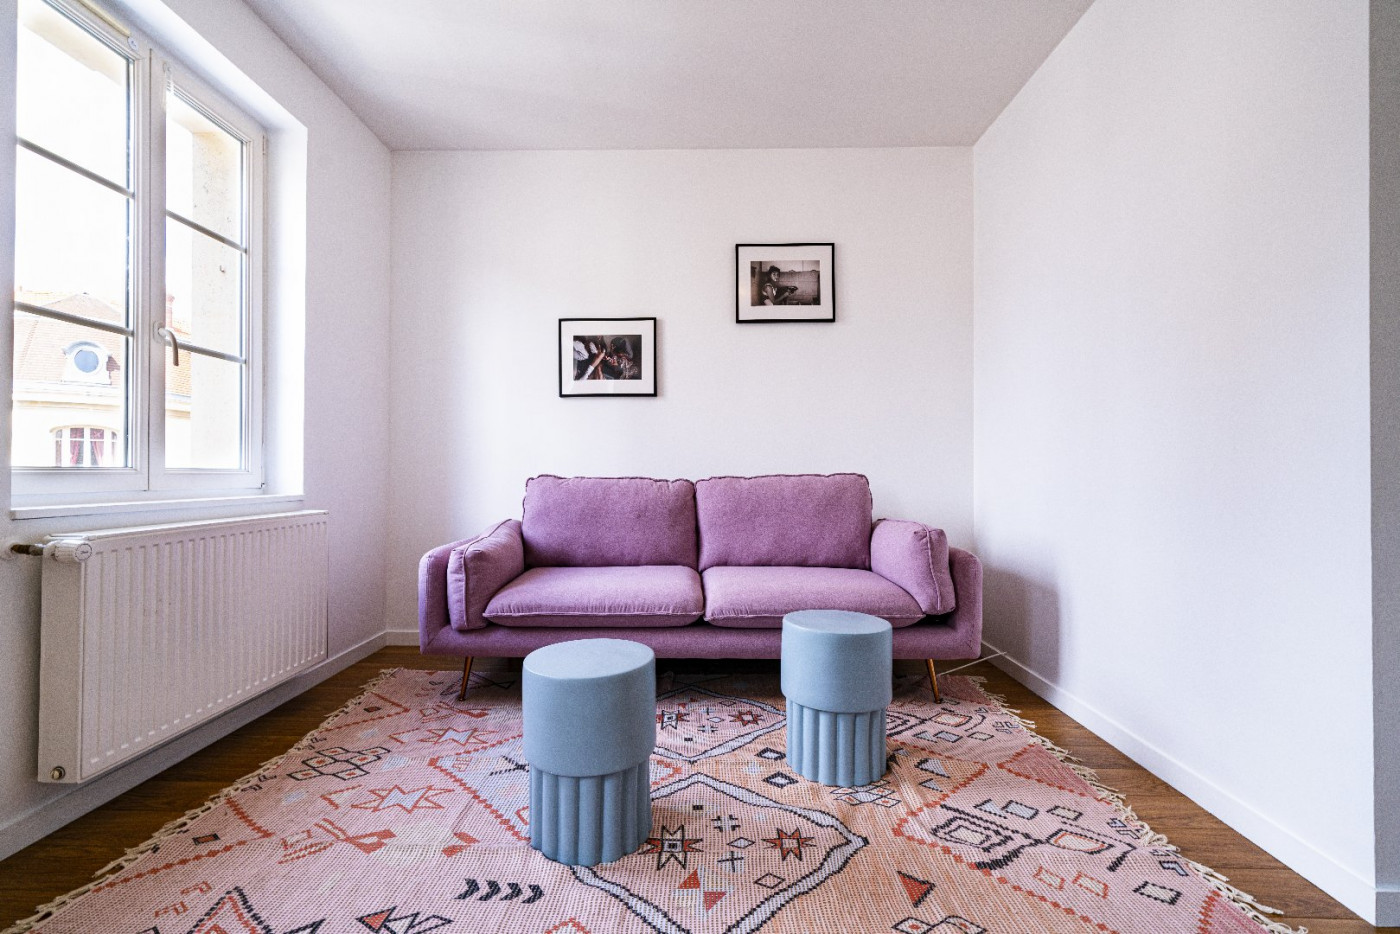 A vendre  Reims | Réf 51001341 - D-ker immo